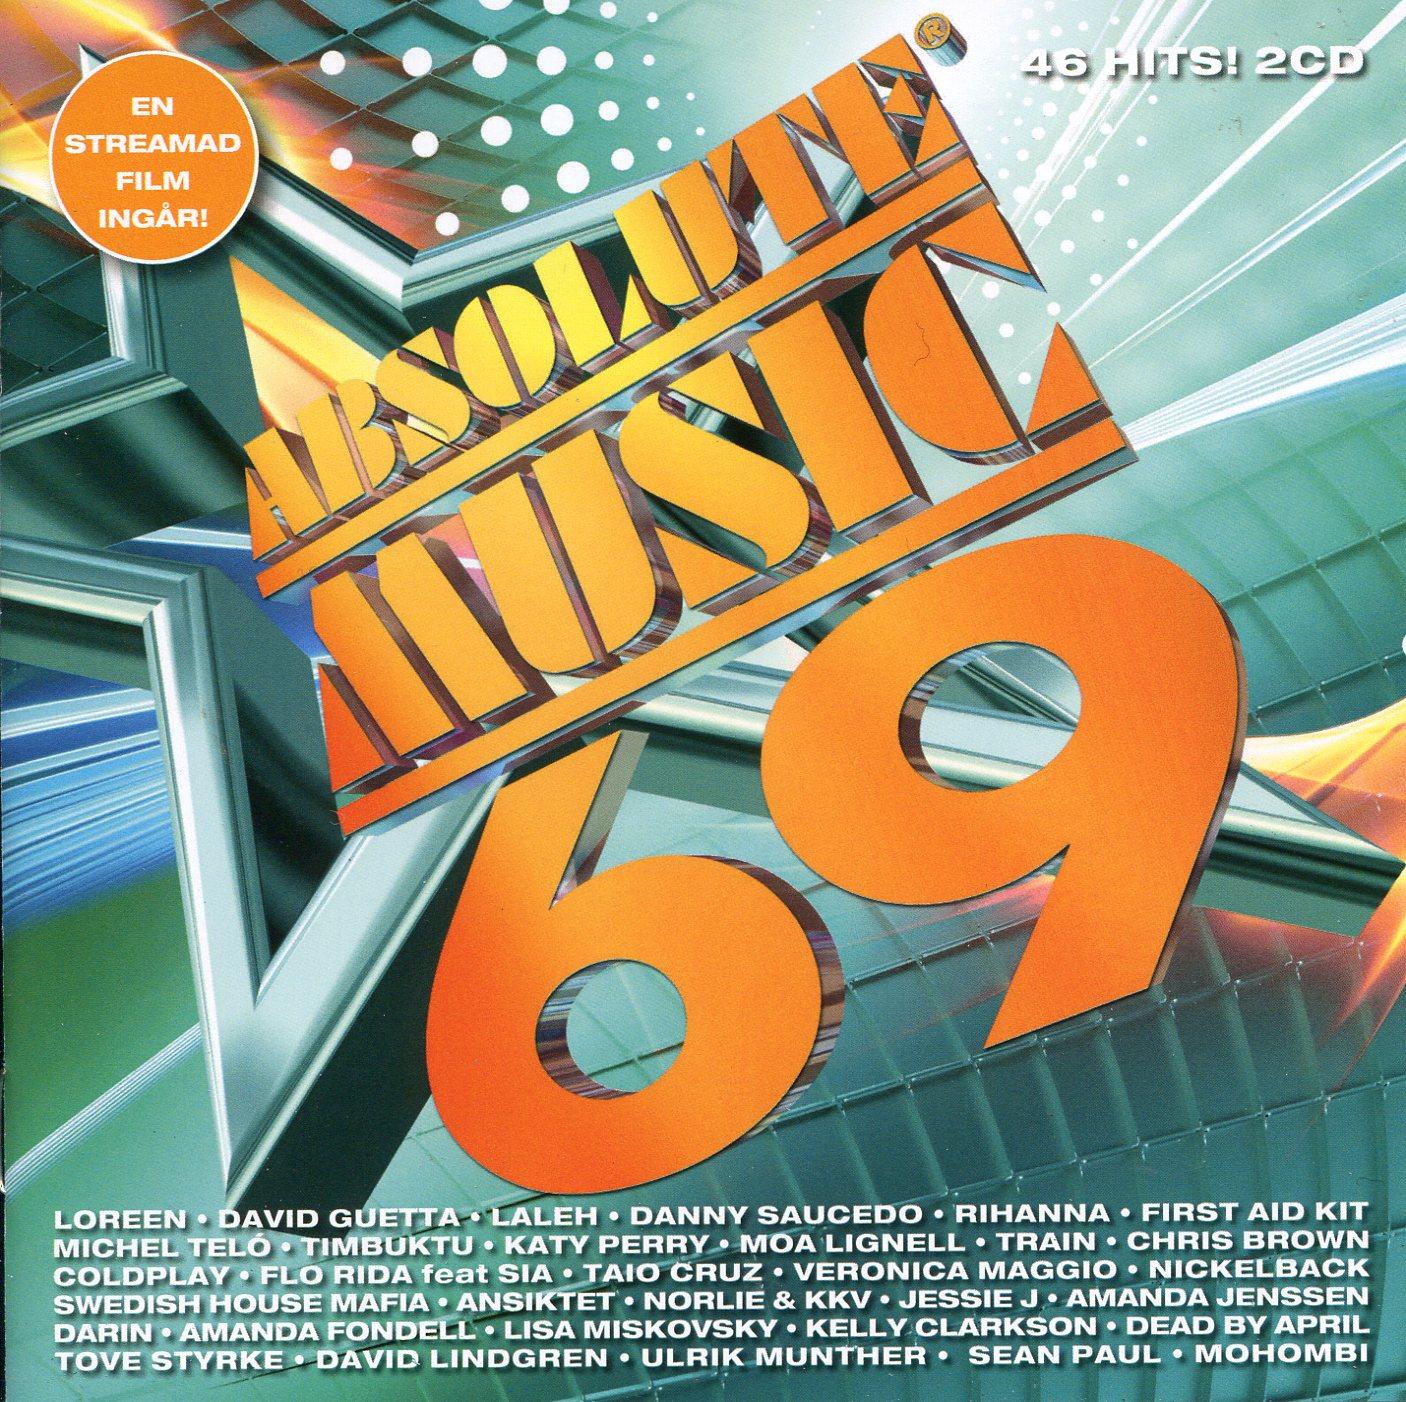 http://2.bp.blogspot.com/-nWhT_OhITBA/T4z4Oj3vUhI/AAAAAAAAC4I/kVxtxc_p2Nw/s1600/VA+-+Absolute+Music+69+-+2CD+2012+-+front.jpg